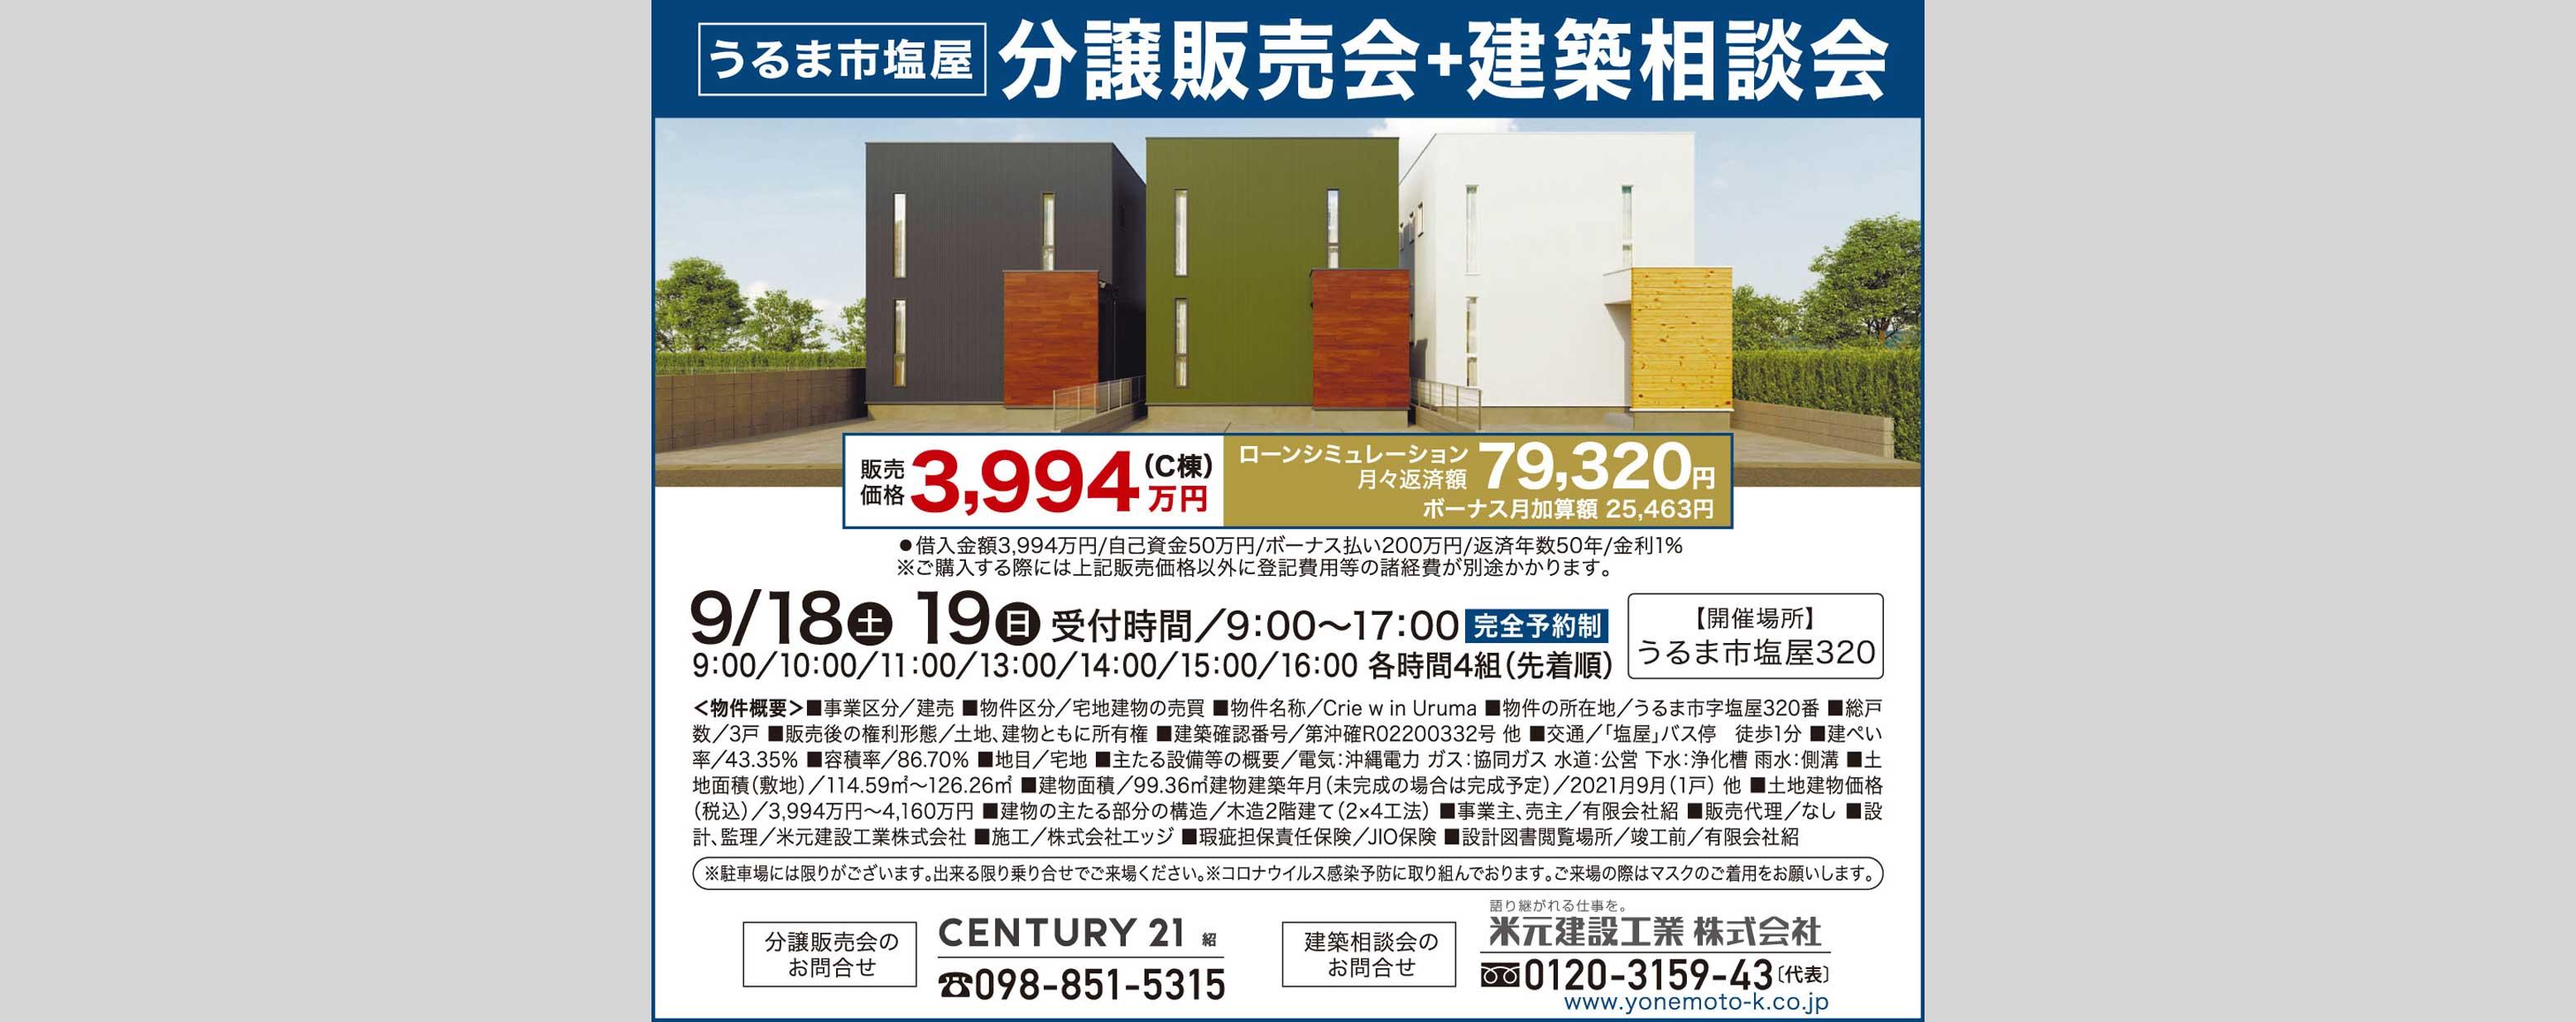 うるま市塩屋分譲販売会+建築相談会(建築相談会) 米元建設工業